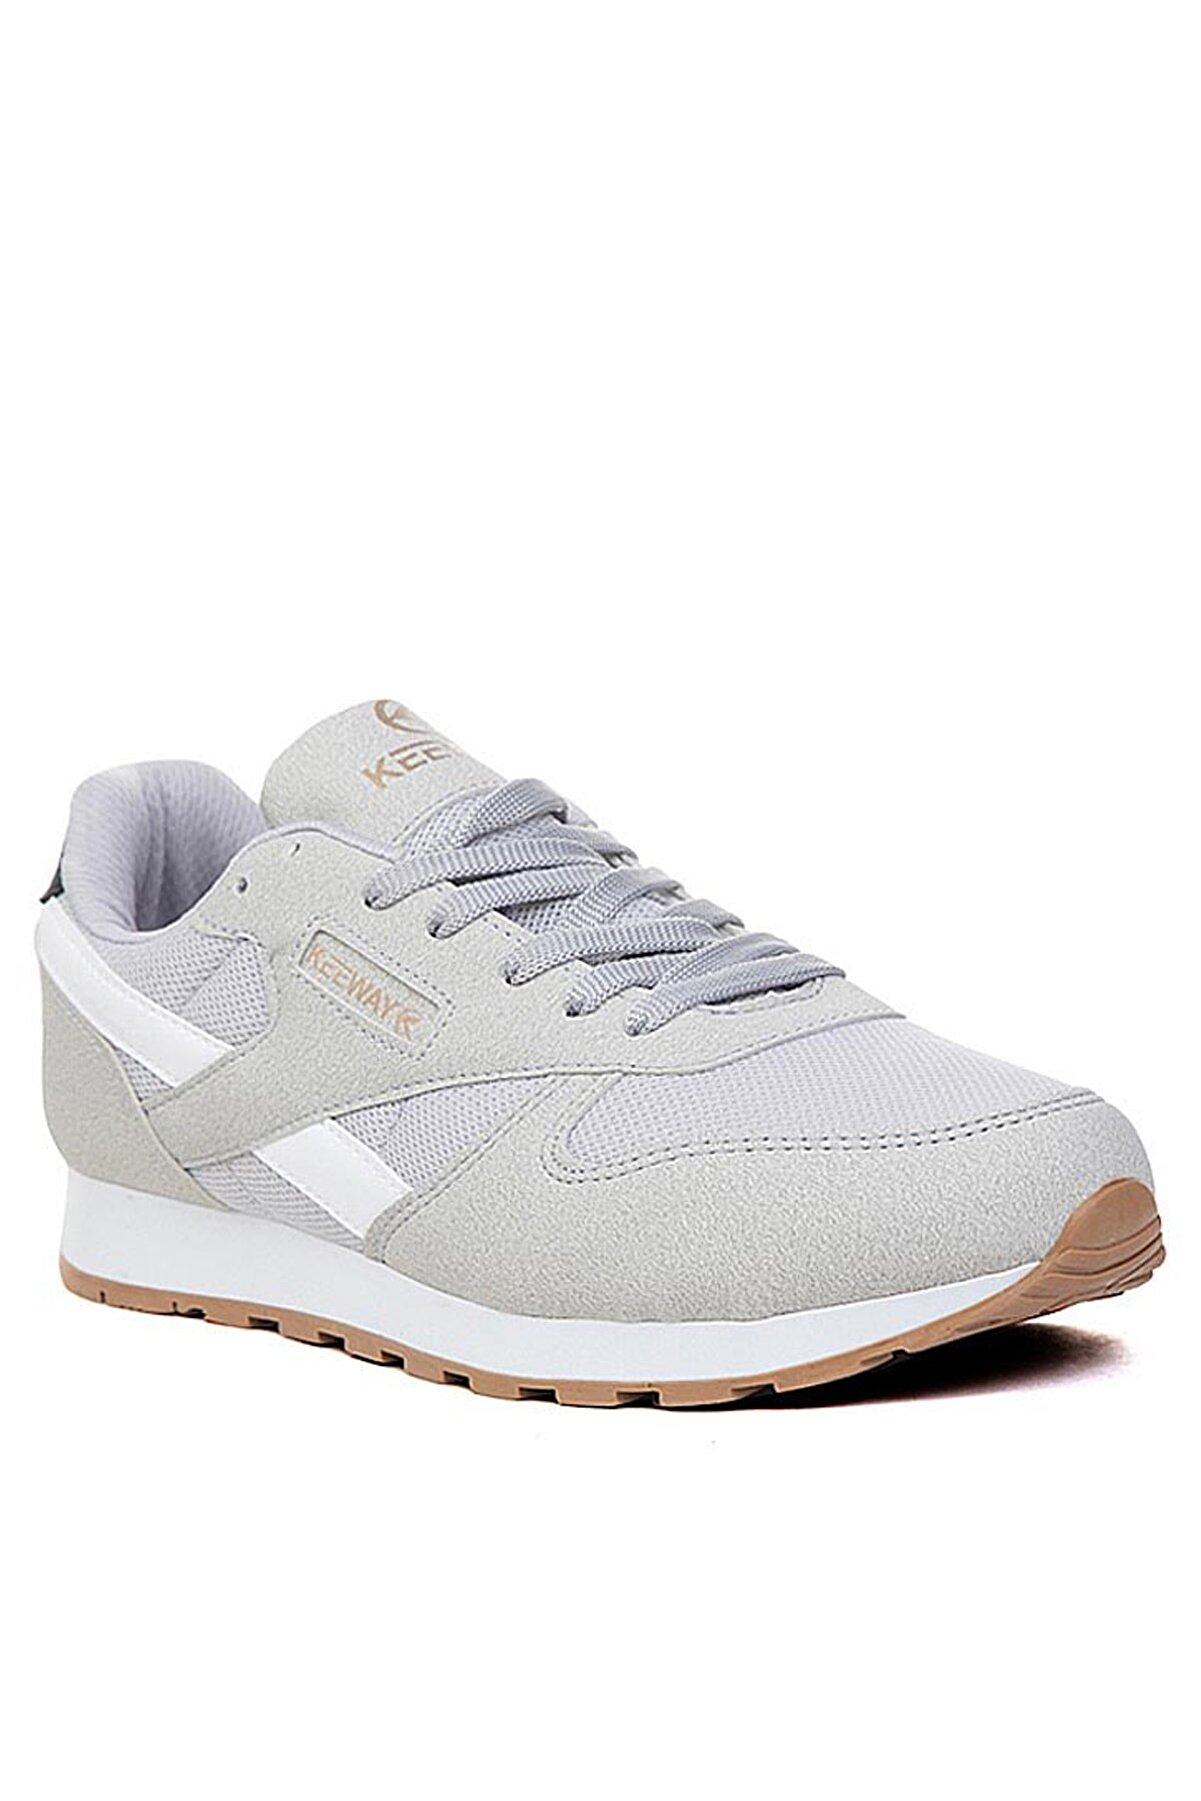 Giyyin Günlük Spor Ayakkabı Erkek Kadın Gri Kw853402